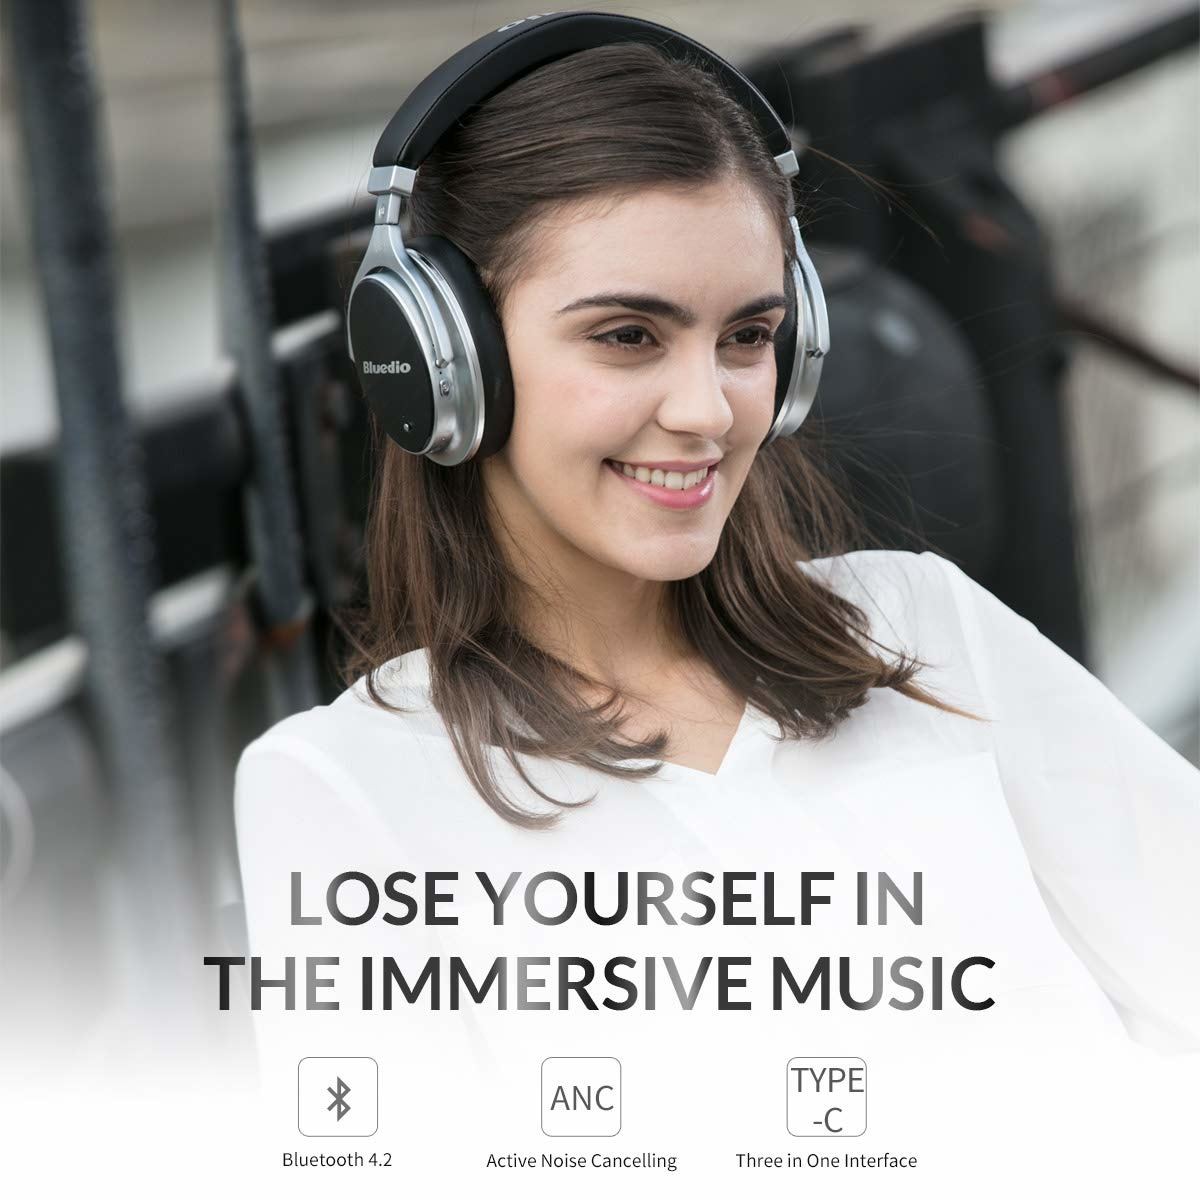 Bluedio F2 Bluetooth-hoofdtelefoon Actieve ruisonderdrukking, Bluedio F2 ANC draadloze hoofdtelefoon voor over het oor 180 ° rotatie, bedrade en draadloze hoofdtelefoon voor mobiele telefoon / tv / pc - zwart